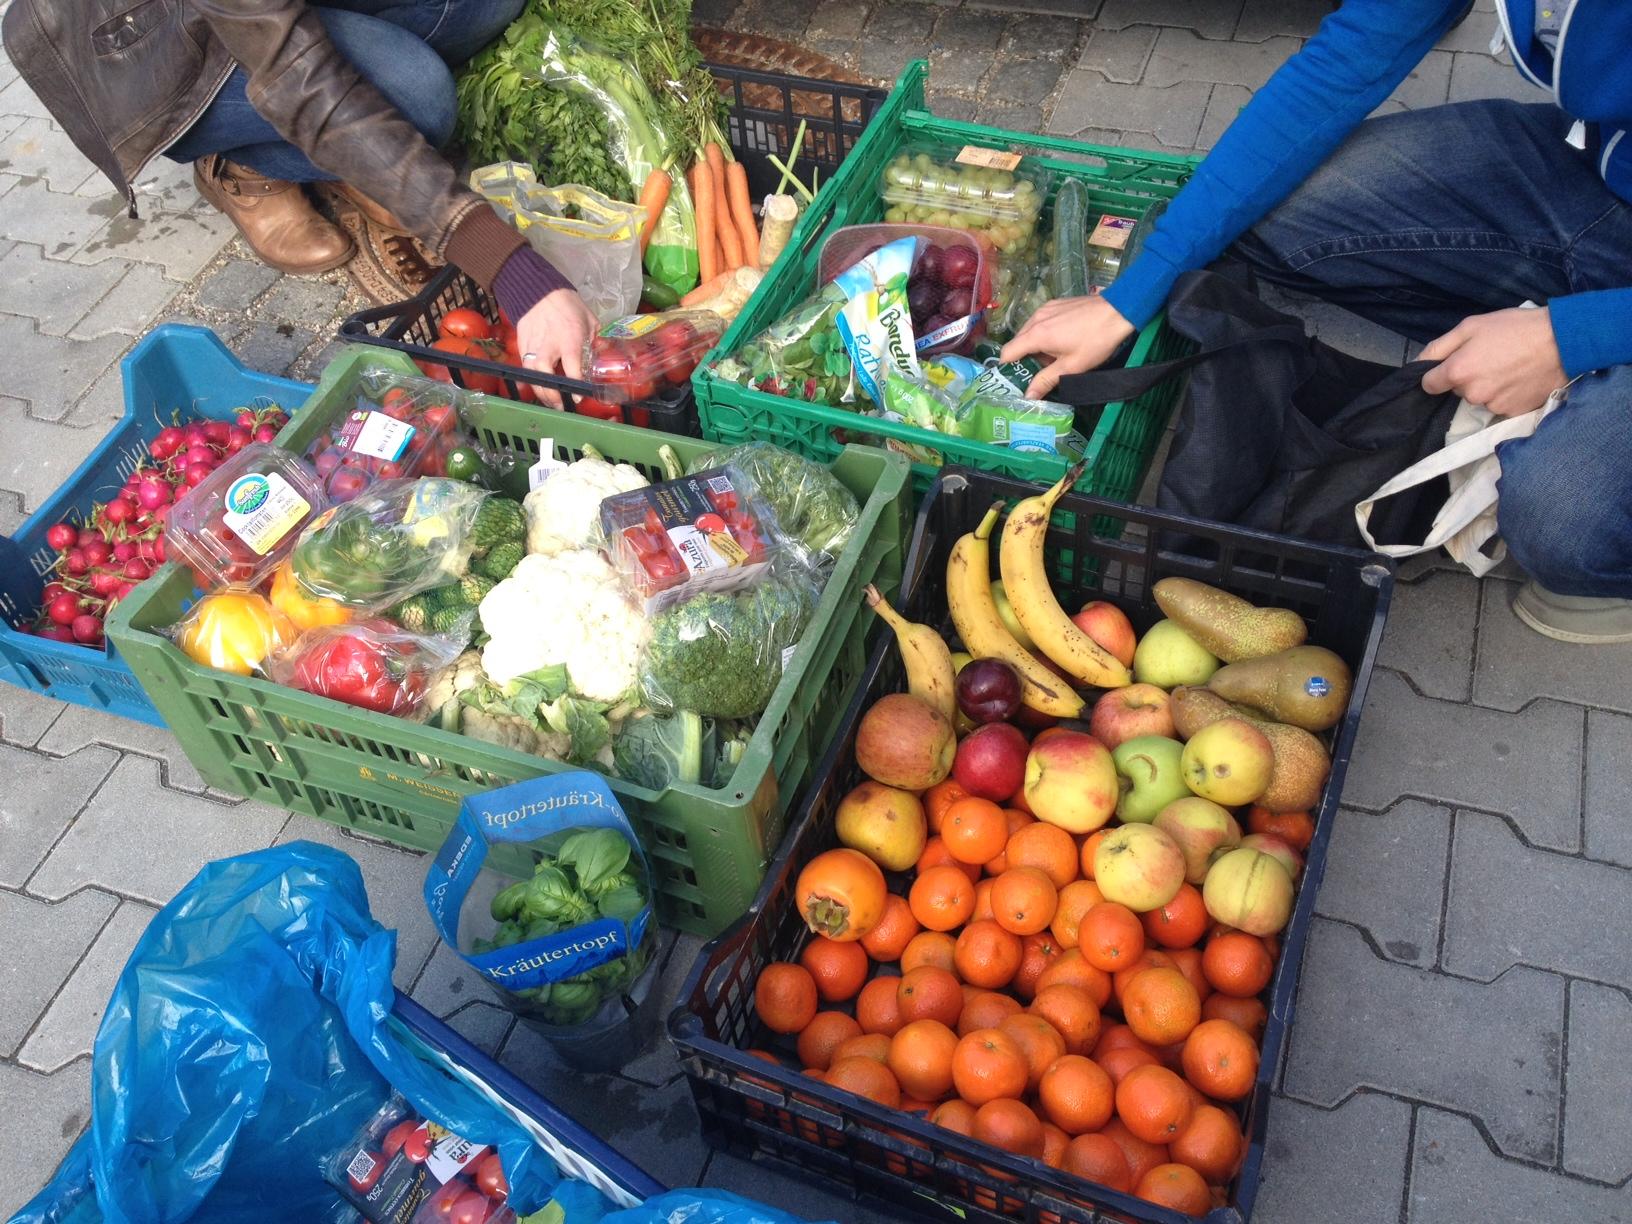 Warum wegwerfen? Viele Lebensmittel sind dafür viel zu schade und könnten verteilt werden.